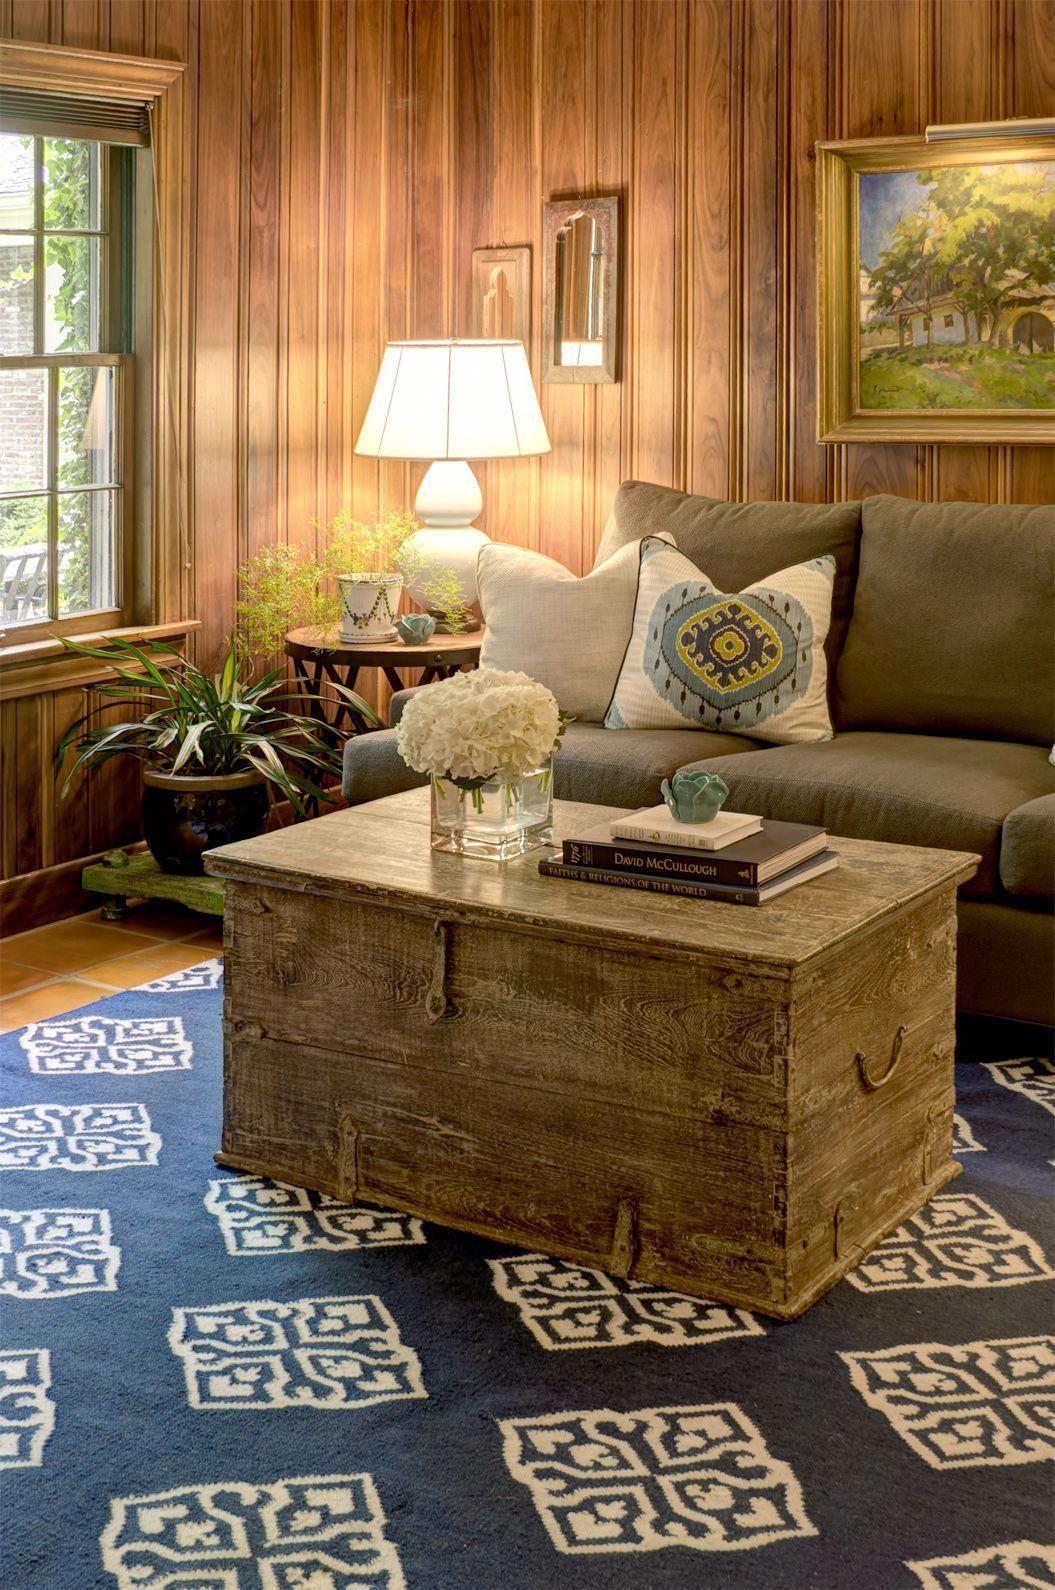 Knotty Pine Rooms: Ein Alter Kofferraum Verankert Diese Umgebung In Einem